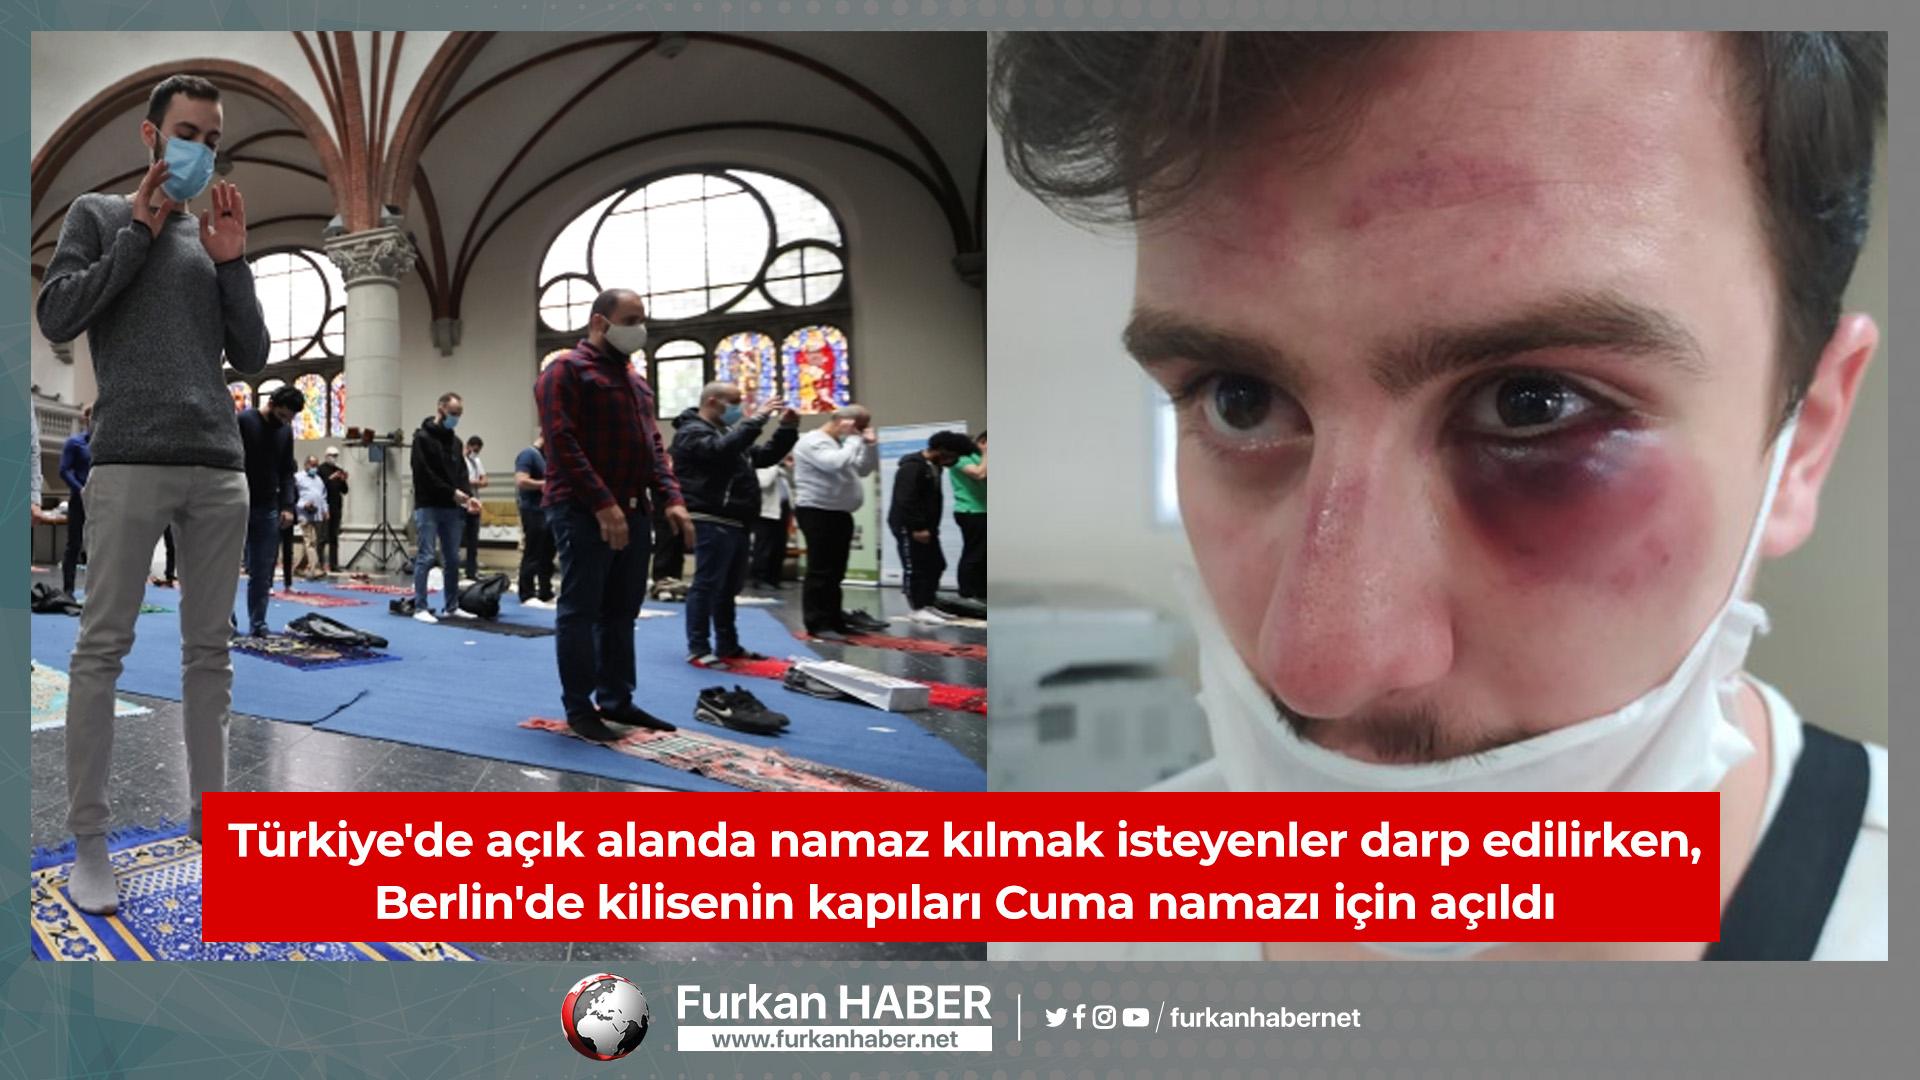 Türkiye'de açık alanda namaz kılmak isteyenler darp edilirken, Berlin'de kilisenin kapıları Cuma namazı için açıldı